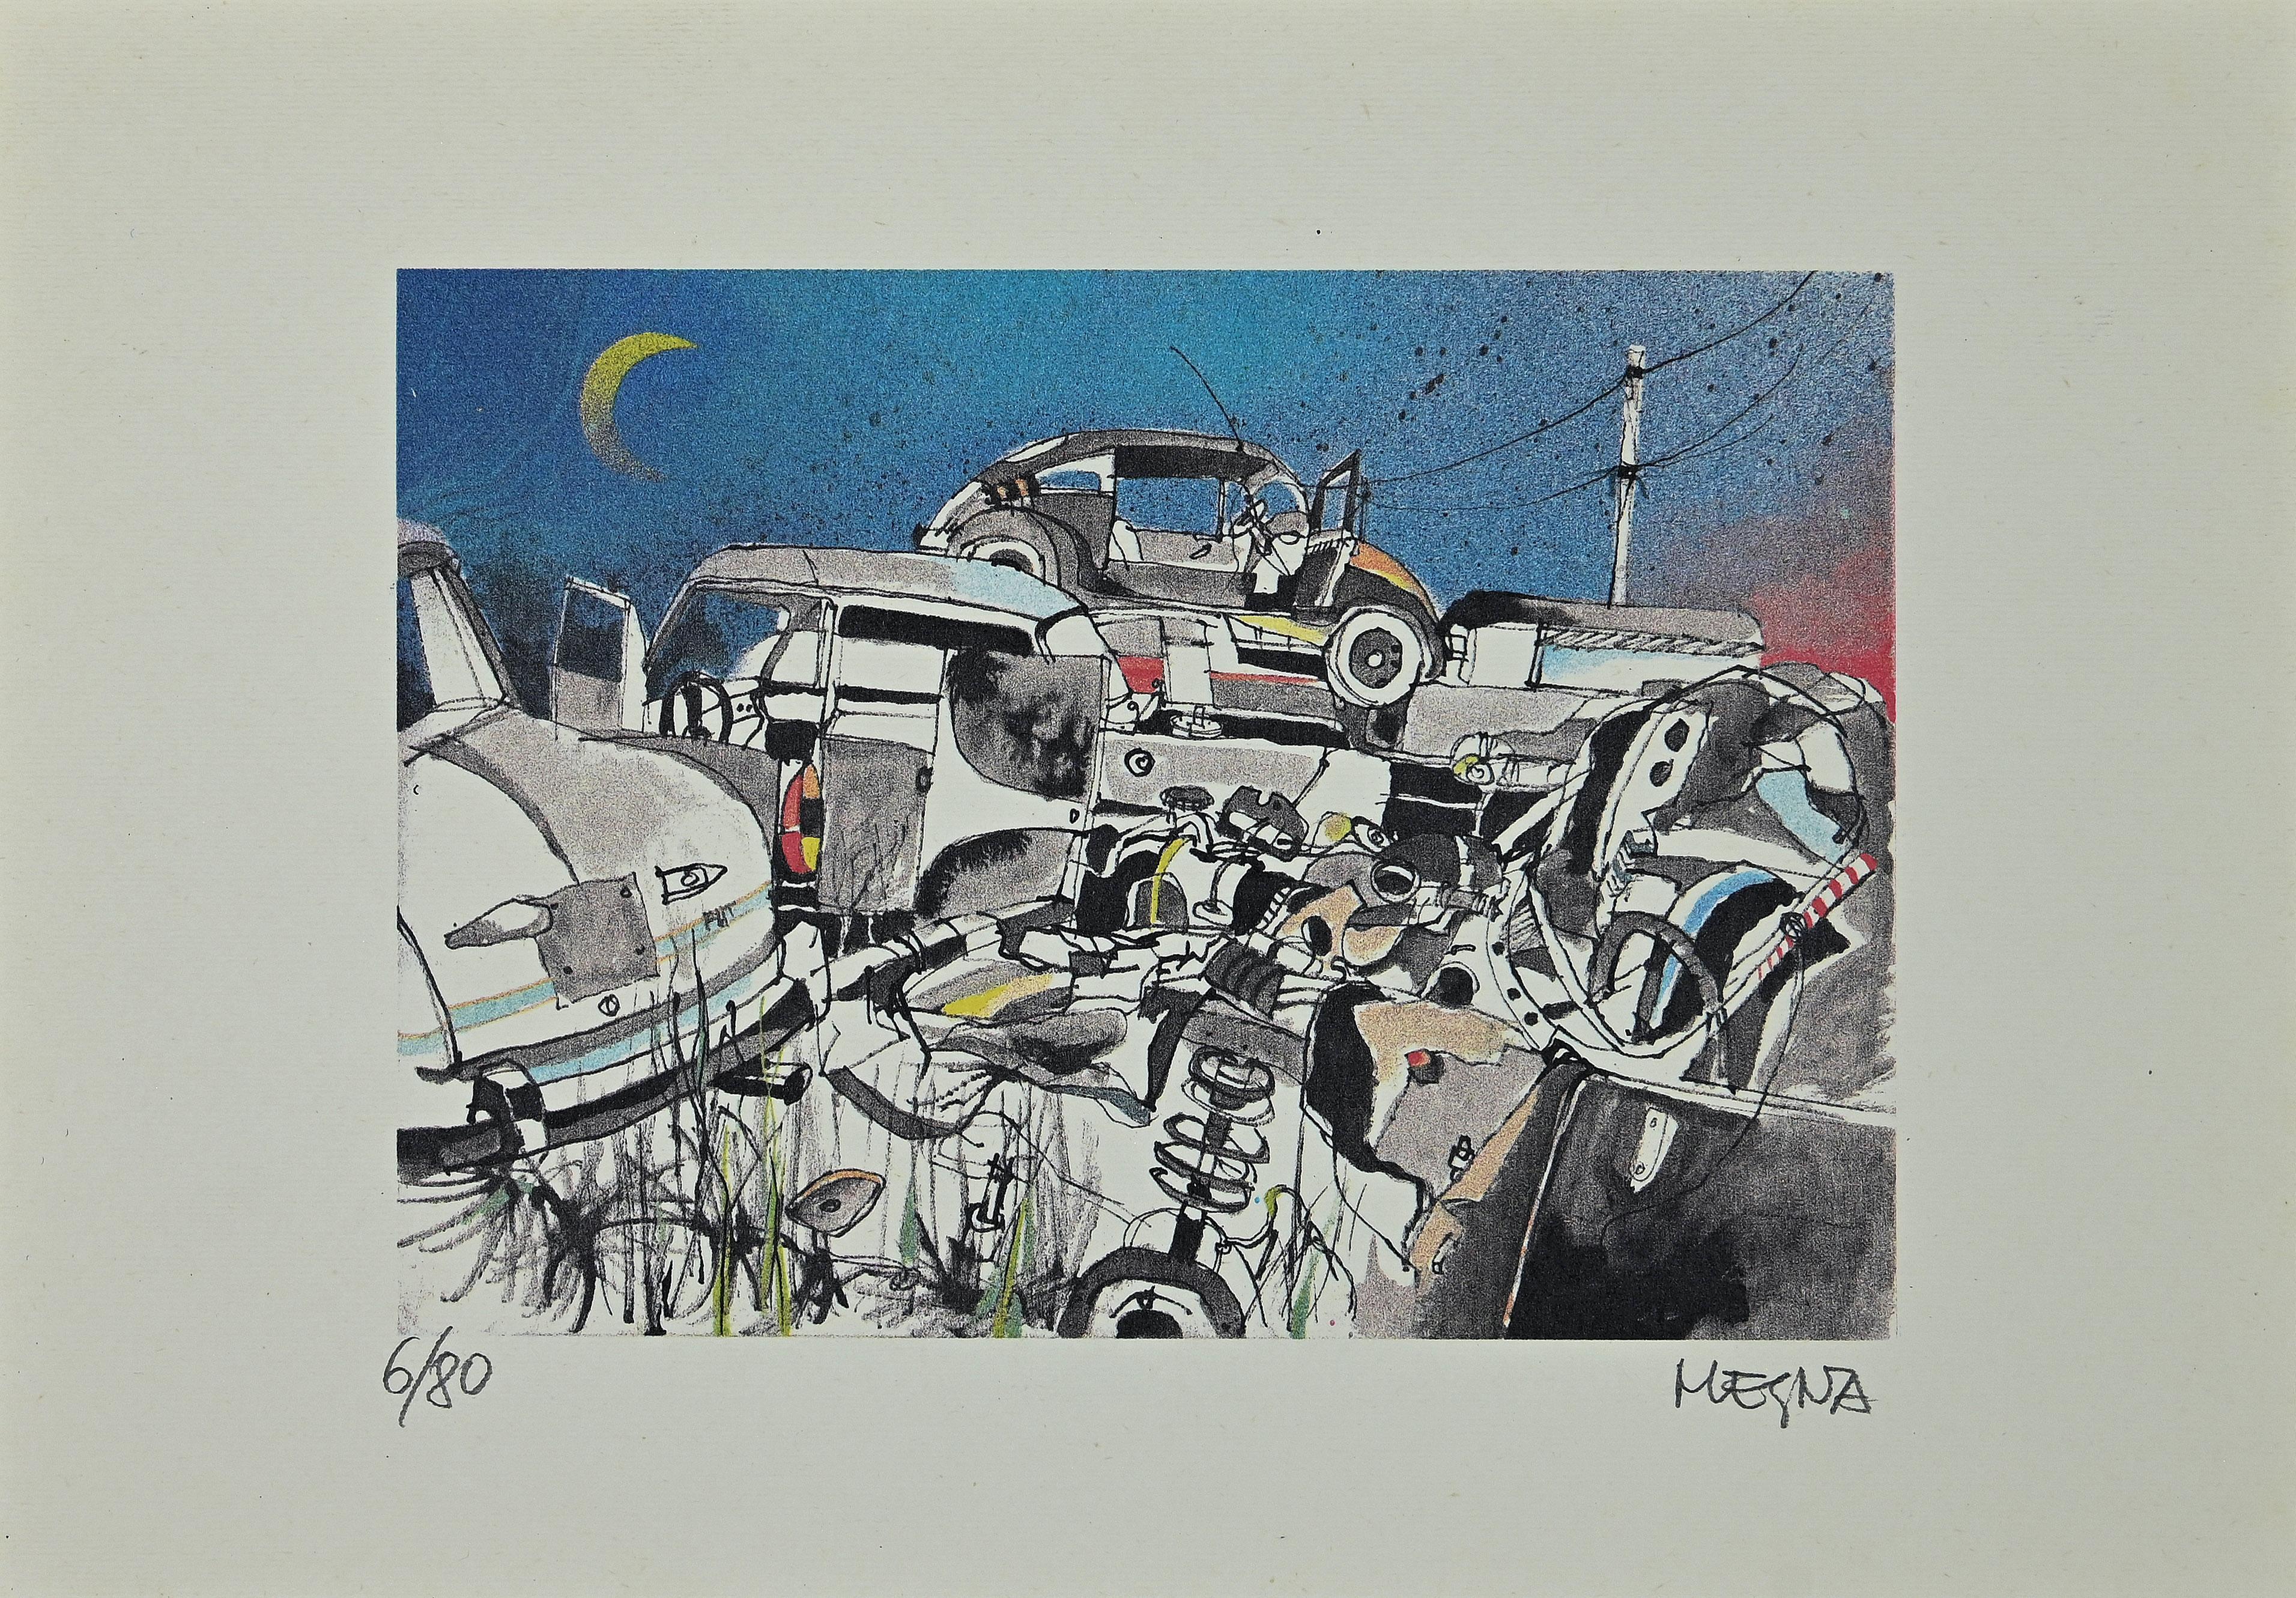 Scrap Cars - Original Lithograph by Giuseppe Megna - 1970 ca